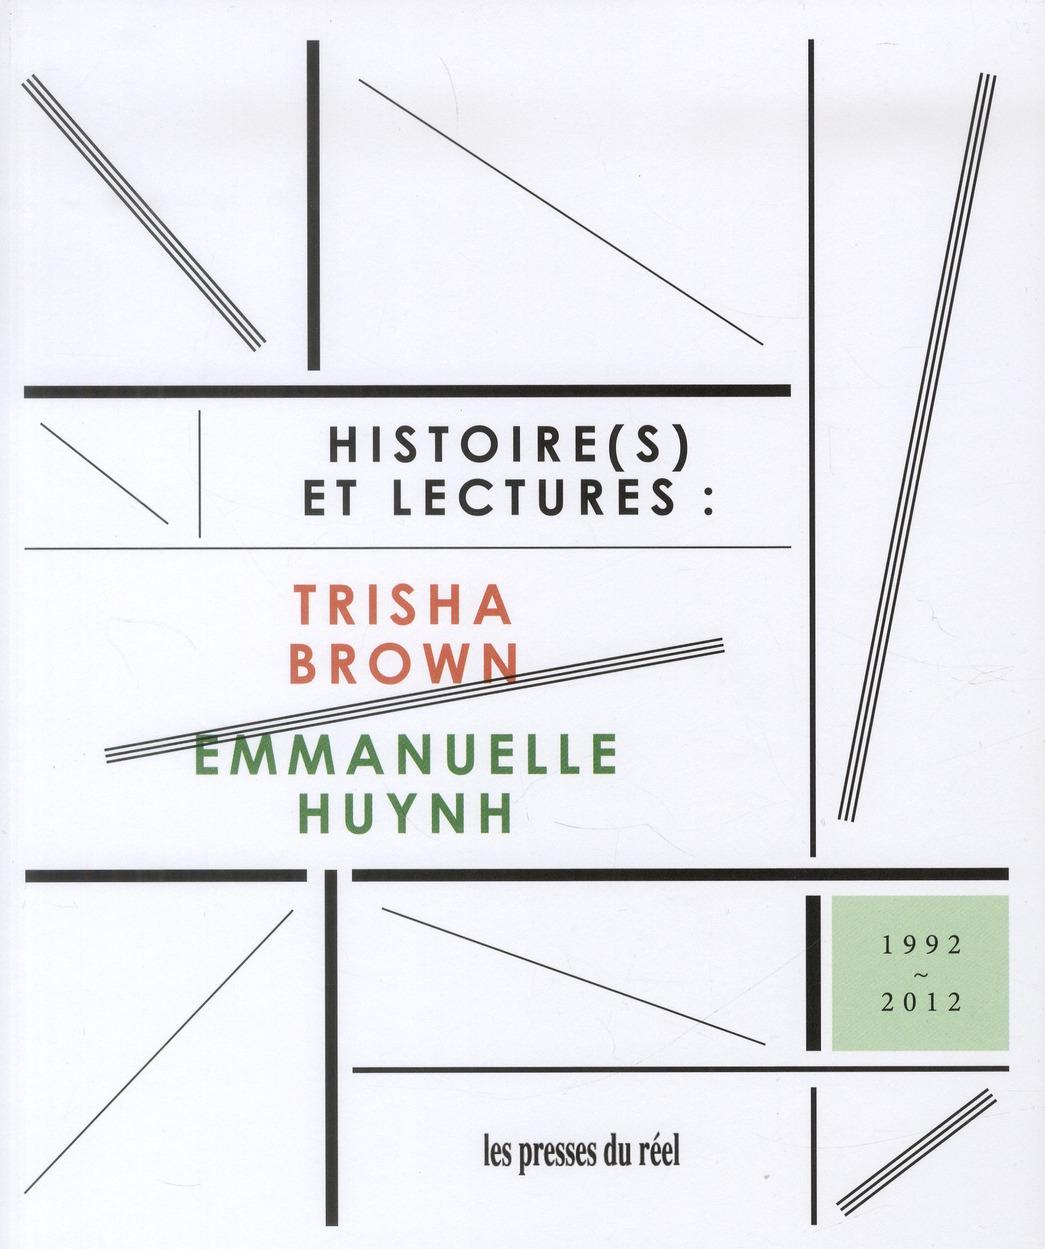 TRISHA BROWN & EMMANUELLE HUYNH - HISTOIRE(S) ET LECTURES